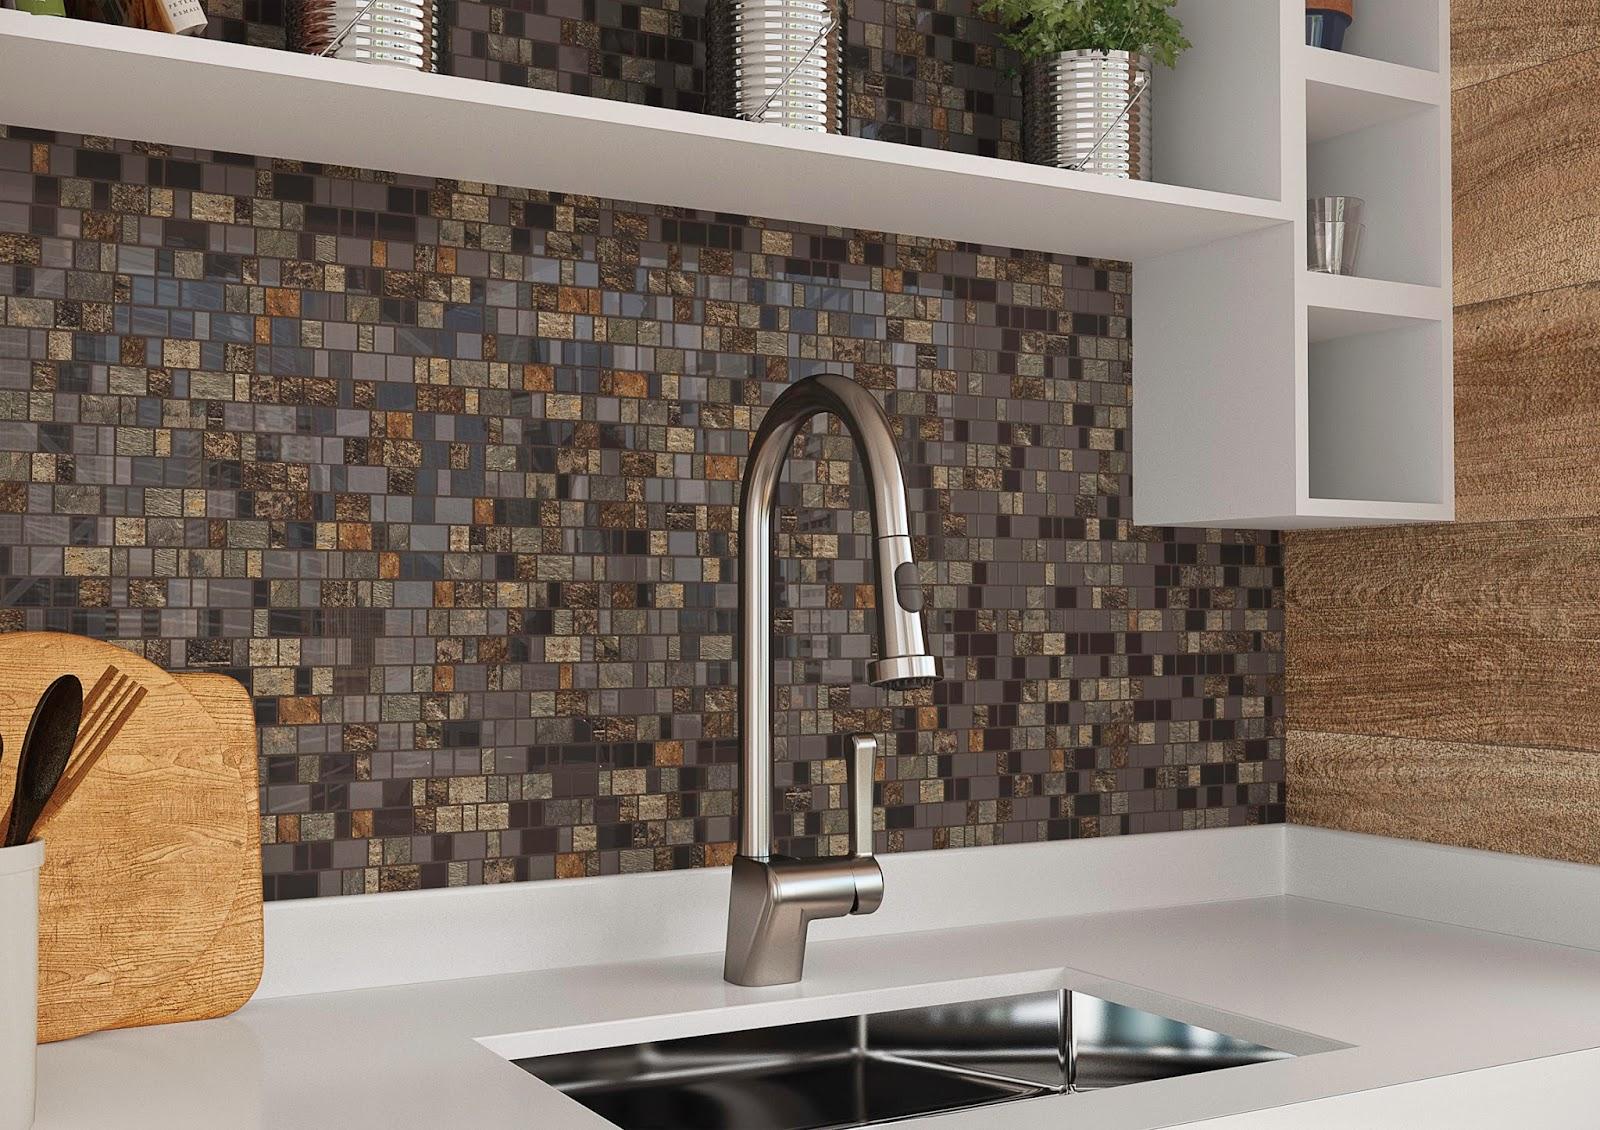 projeto de cozinha com o mosaico MC Stone BW - lançamentos 2015 da Cerâmica Portinari